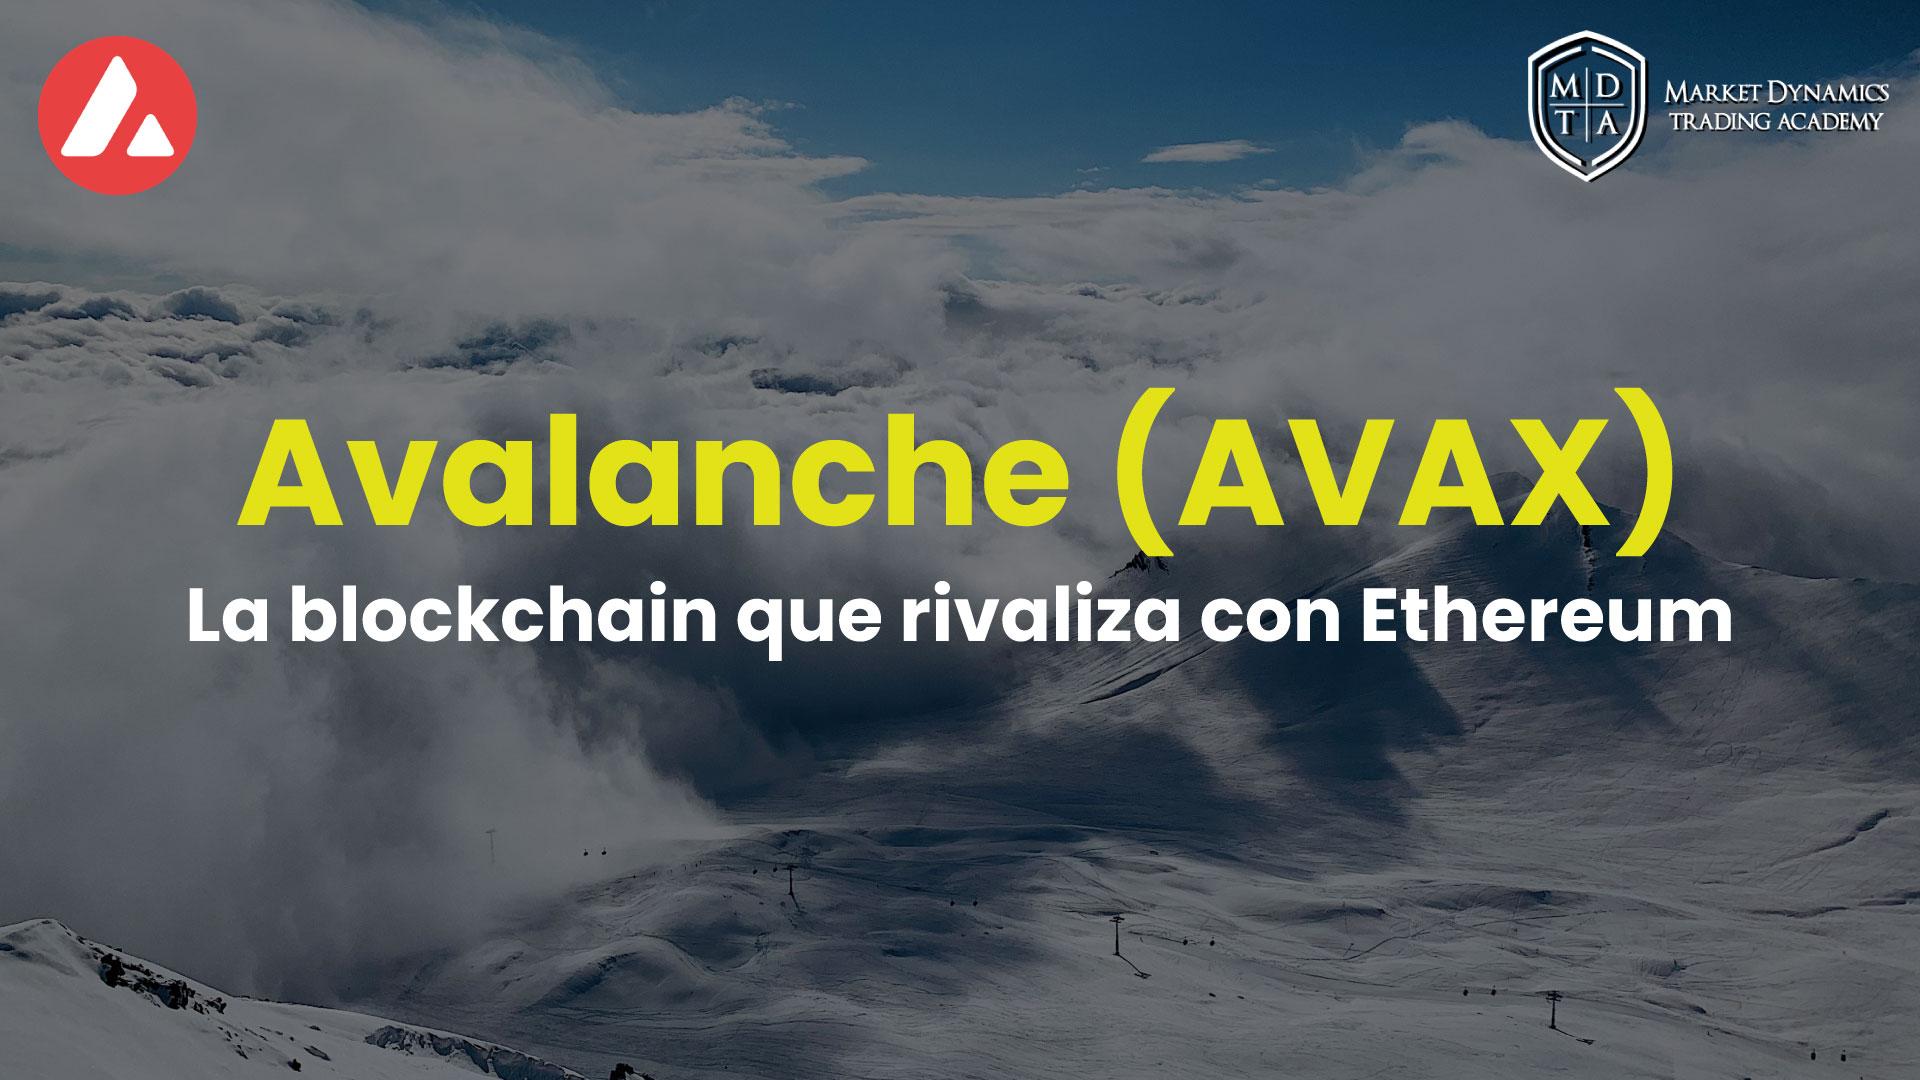 Qué es Avalanche la criptomoneda AVAX